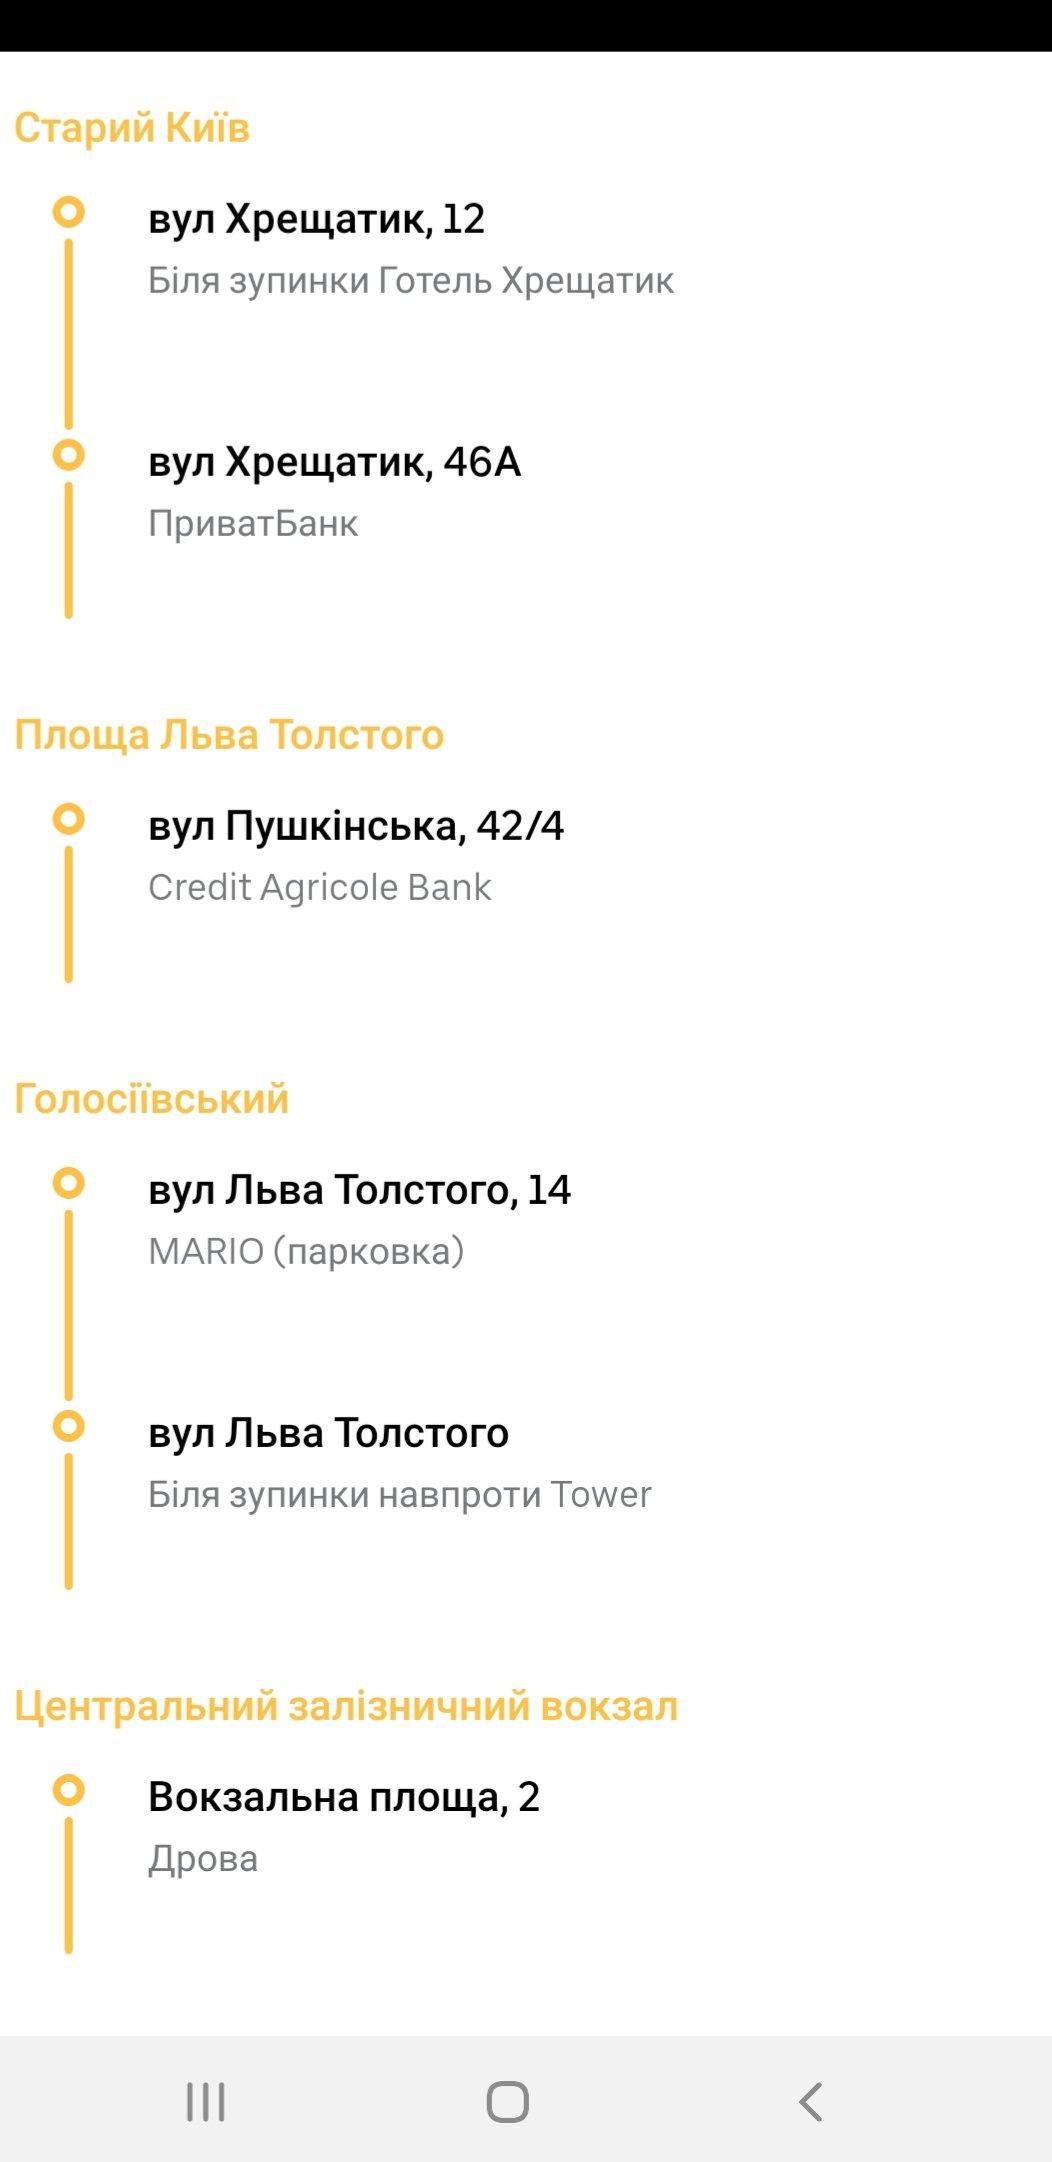 """Маршрутки Киева: где ездят, как работают и сколько стоит проезд в автобусах """"Uber Shuttle"""", фото-6"""